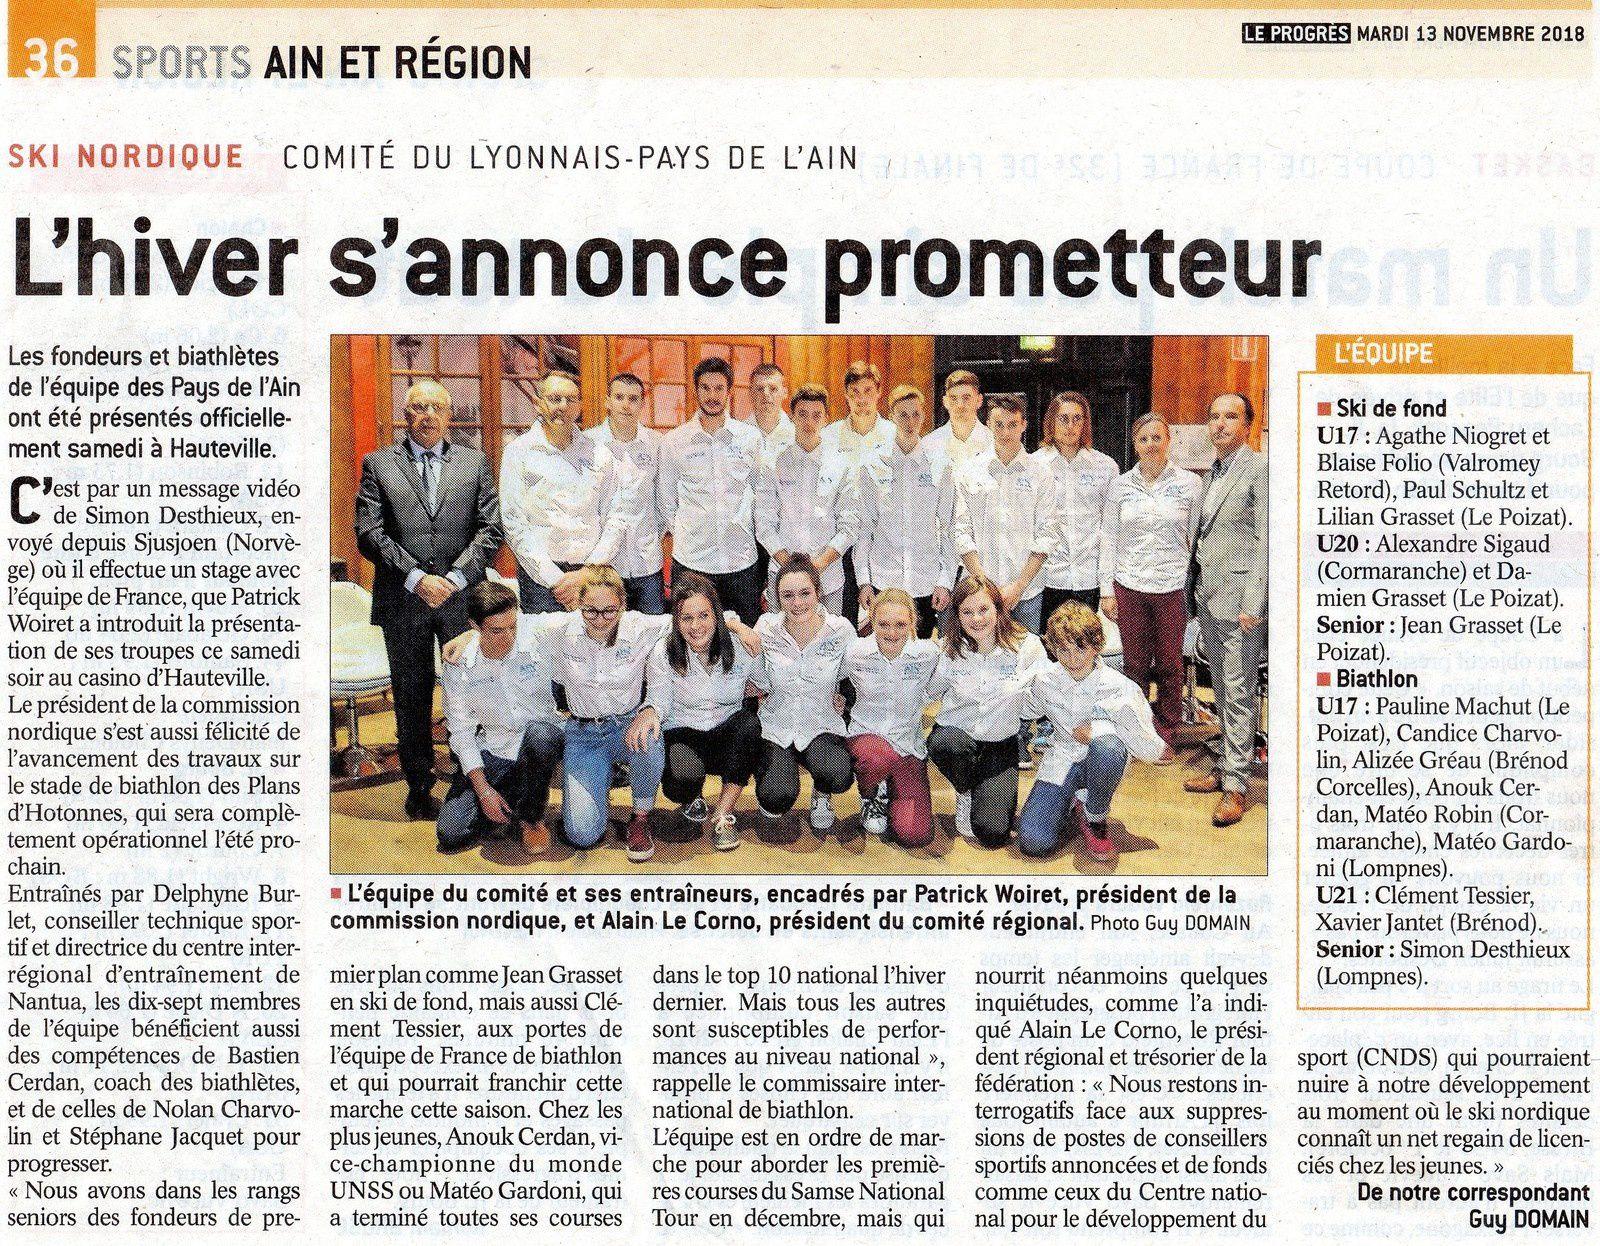 Présentation des équipes Fond et Biathlon du Comité Lyonnais-Pays de l'Ain.